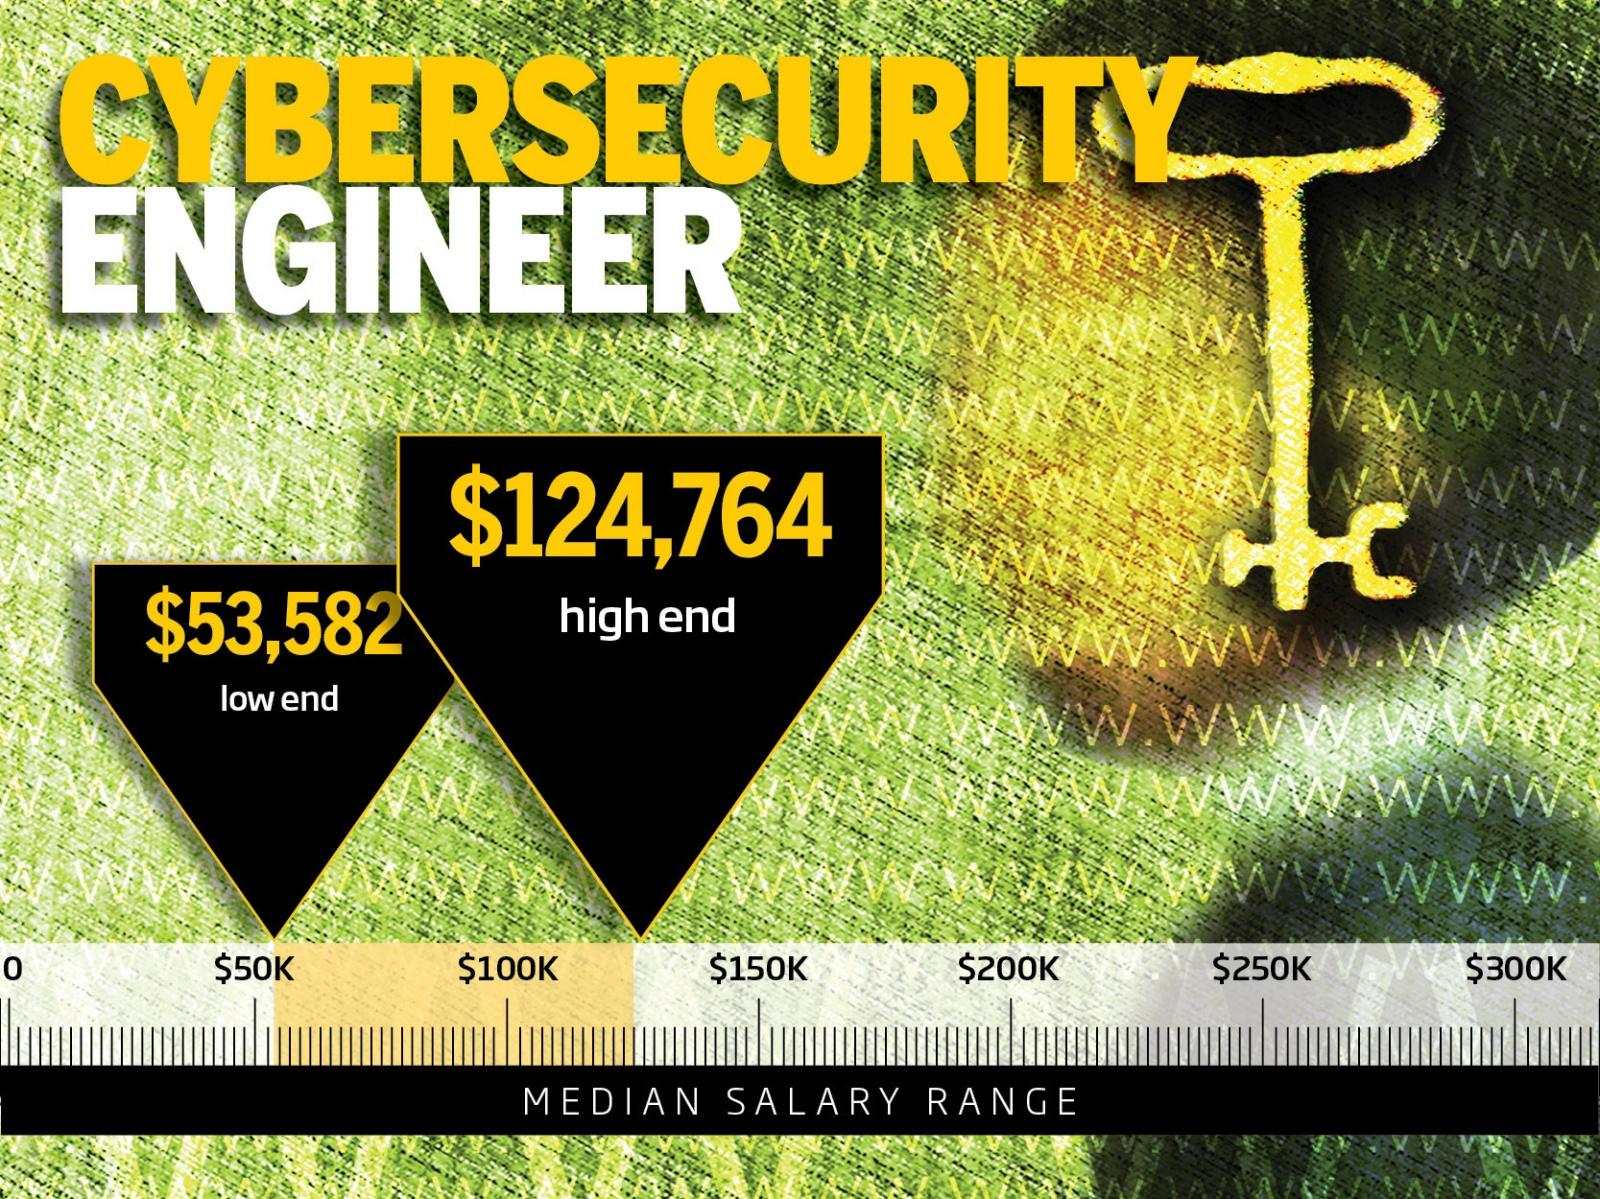 ТОП-10 самых высокооплачиваемых профессий в IT-безопасности - 10